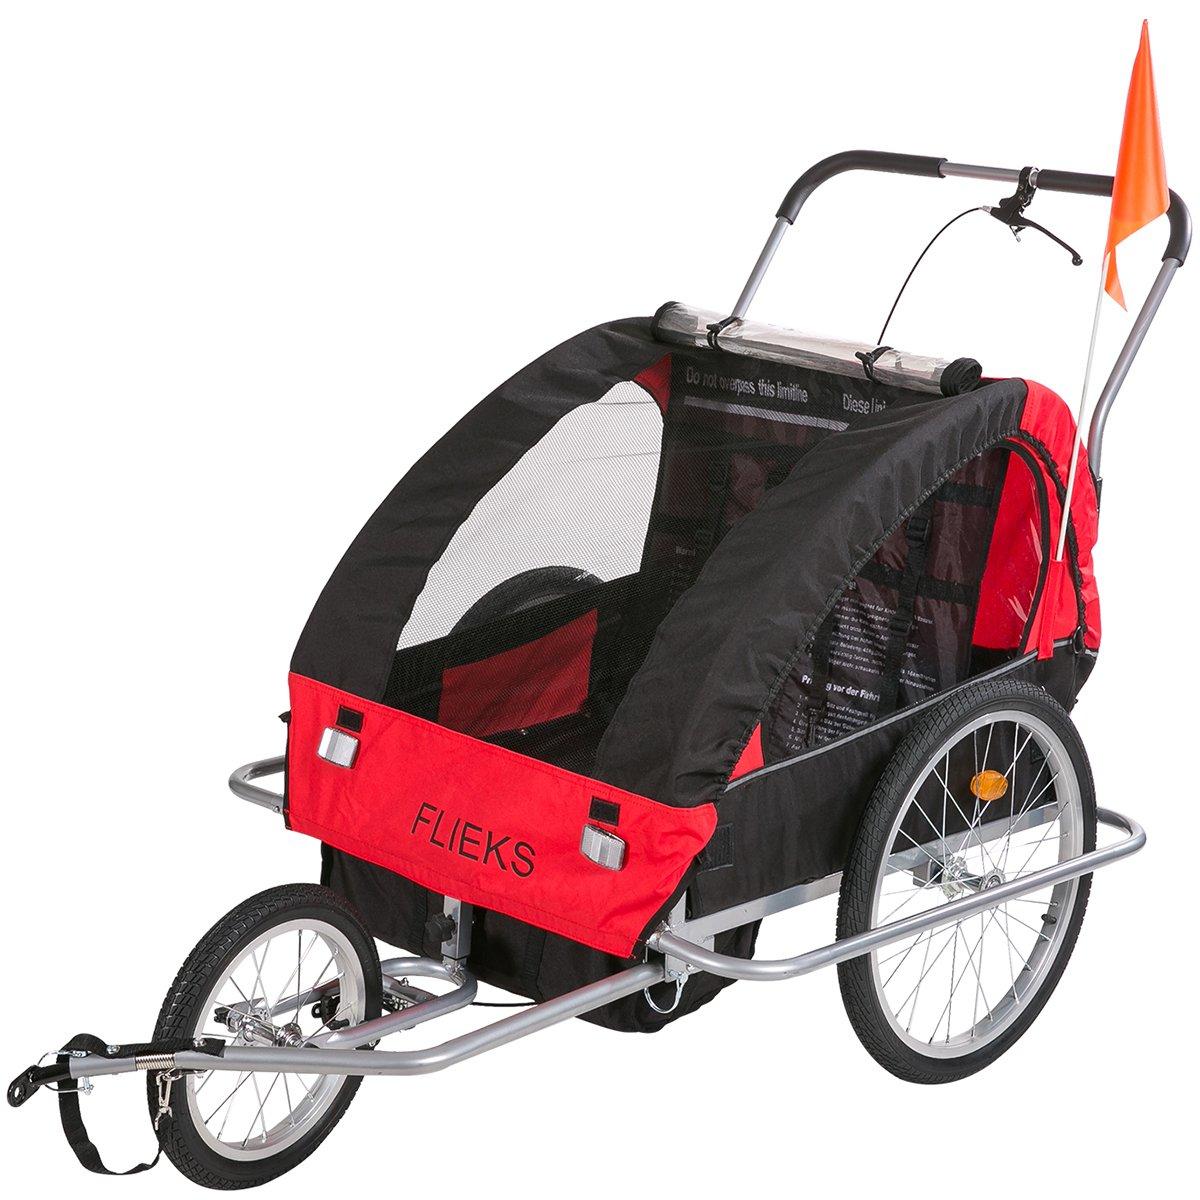 Flieks Kinderanhänger 2 in 1 Fahrradanhänger TRAILER Jogger mit Kupplung 3 Farben NEU (Rot)